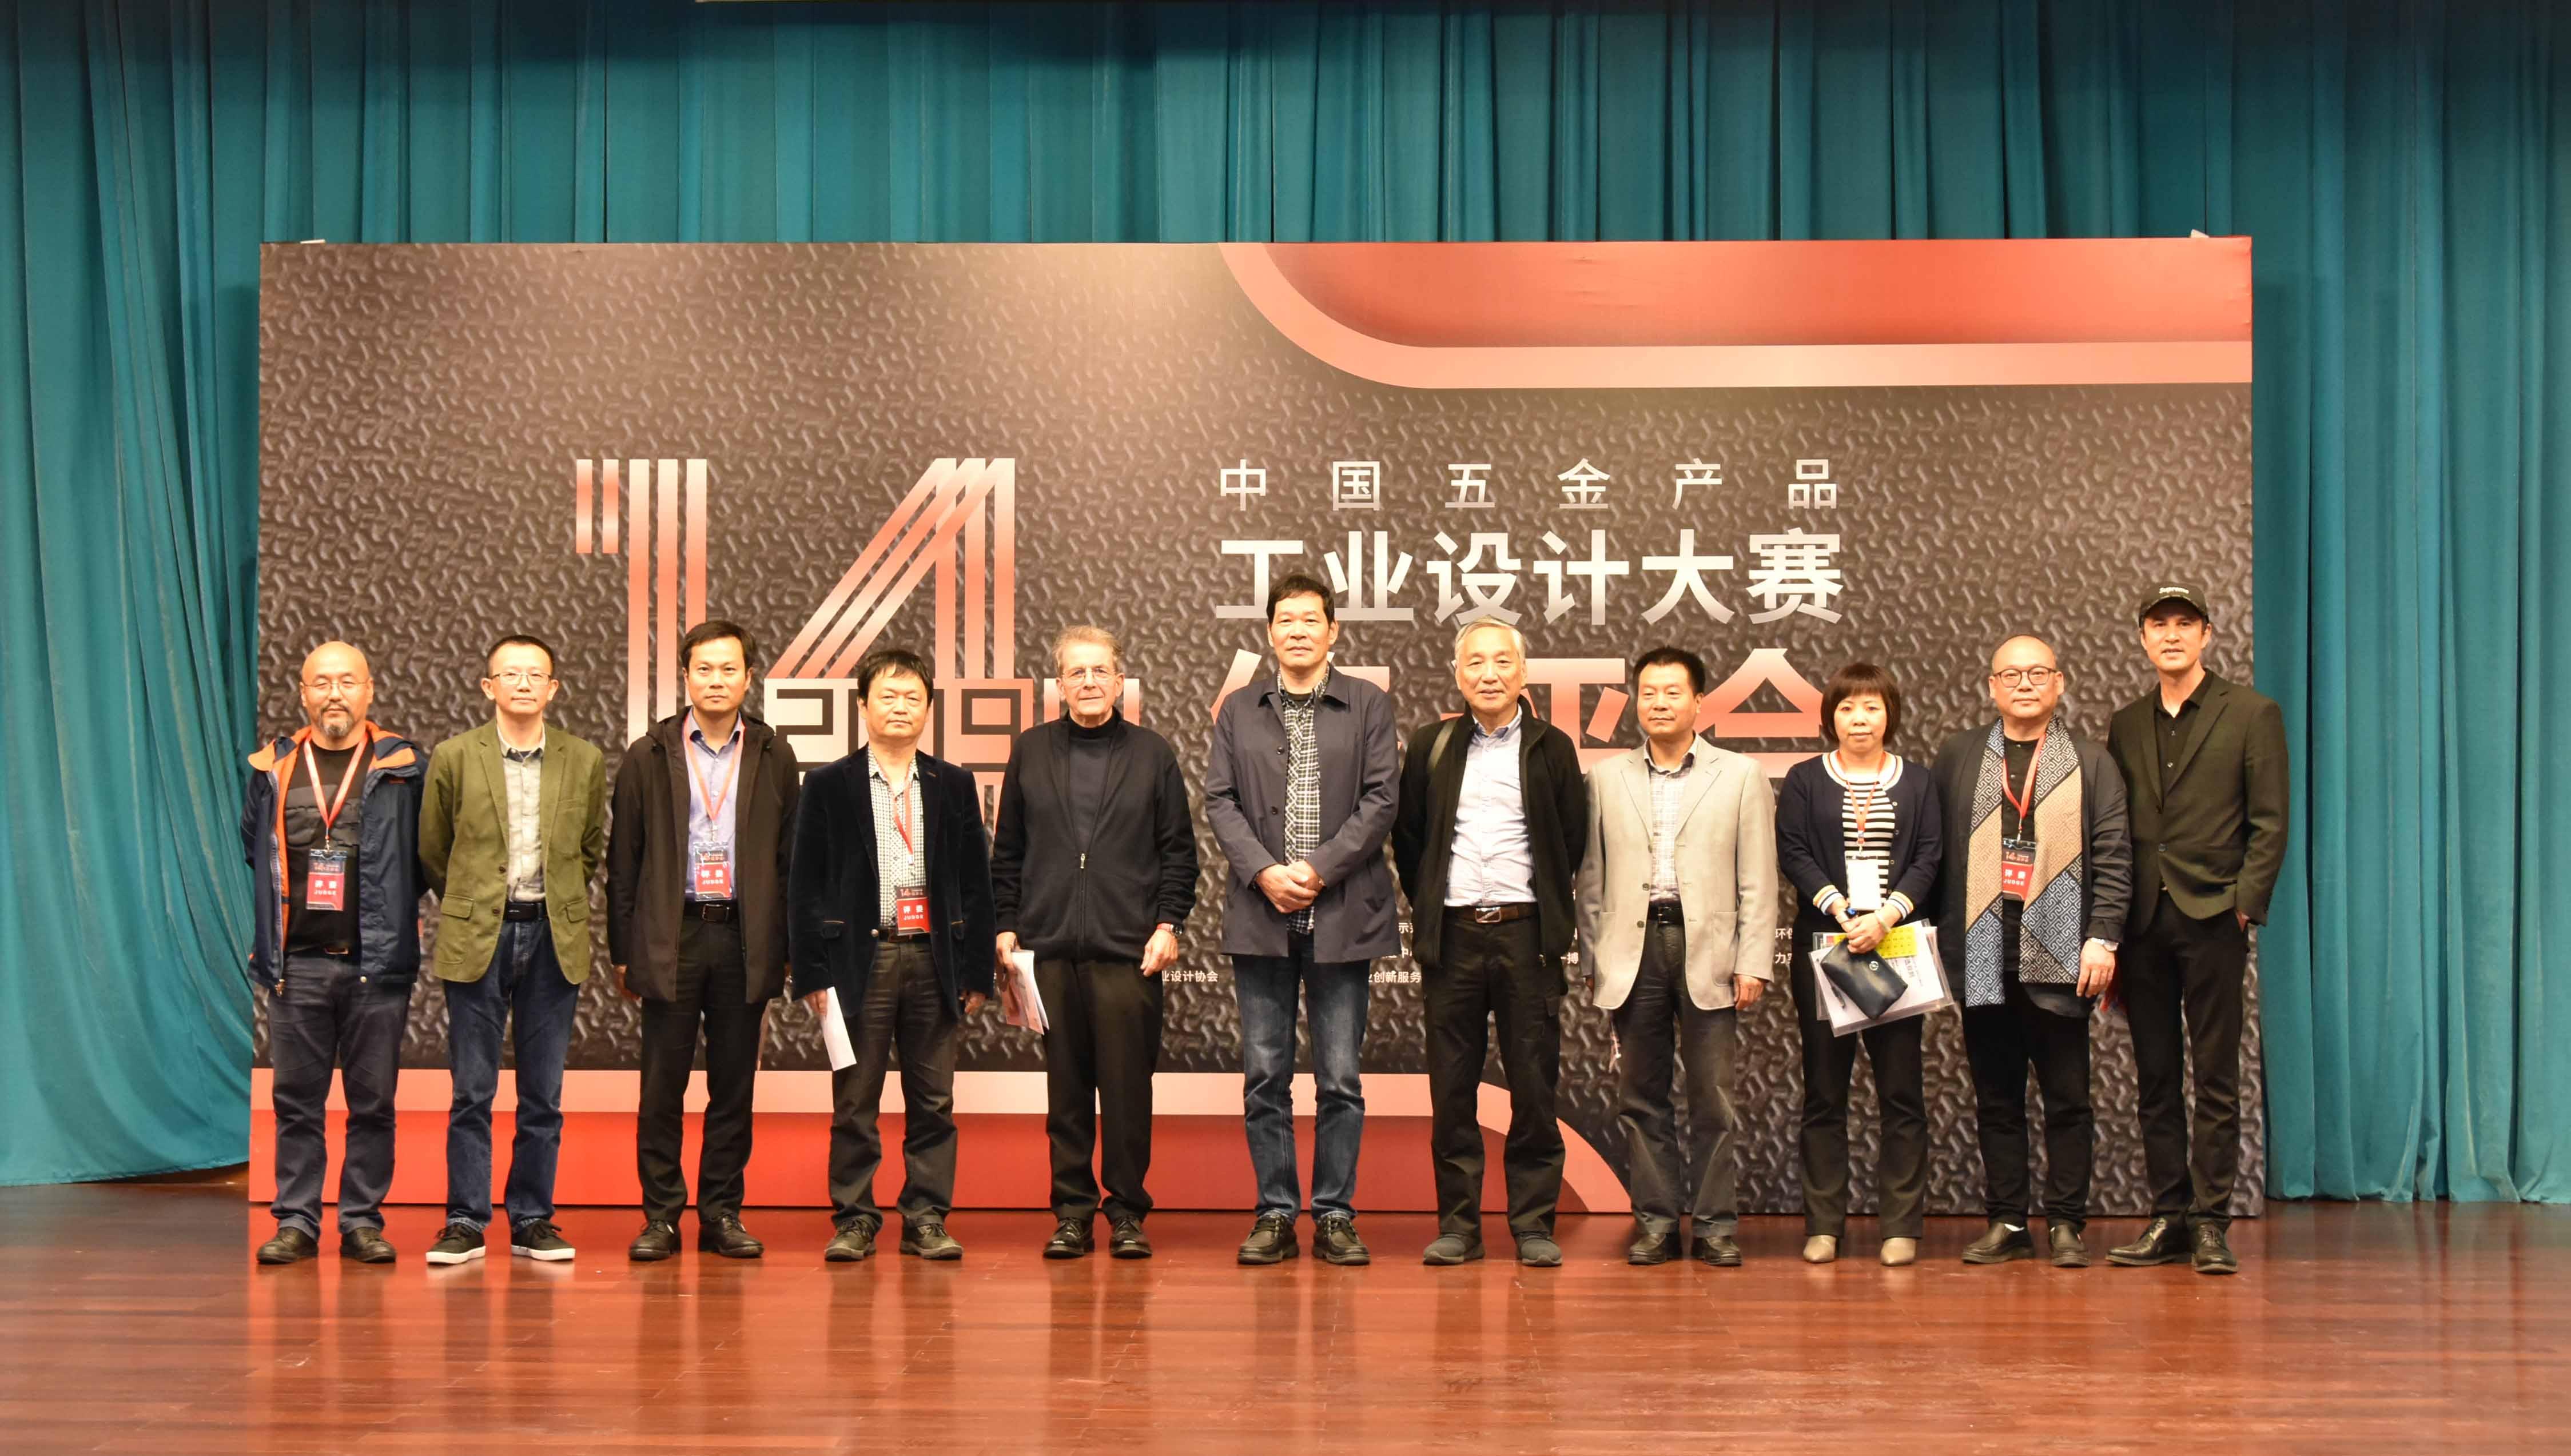 http://www.reviewcode.cn/yunweiguanli/93708.html